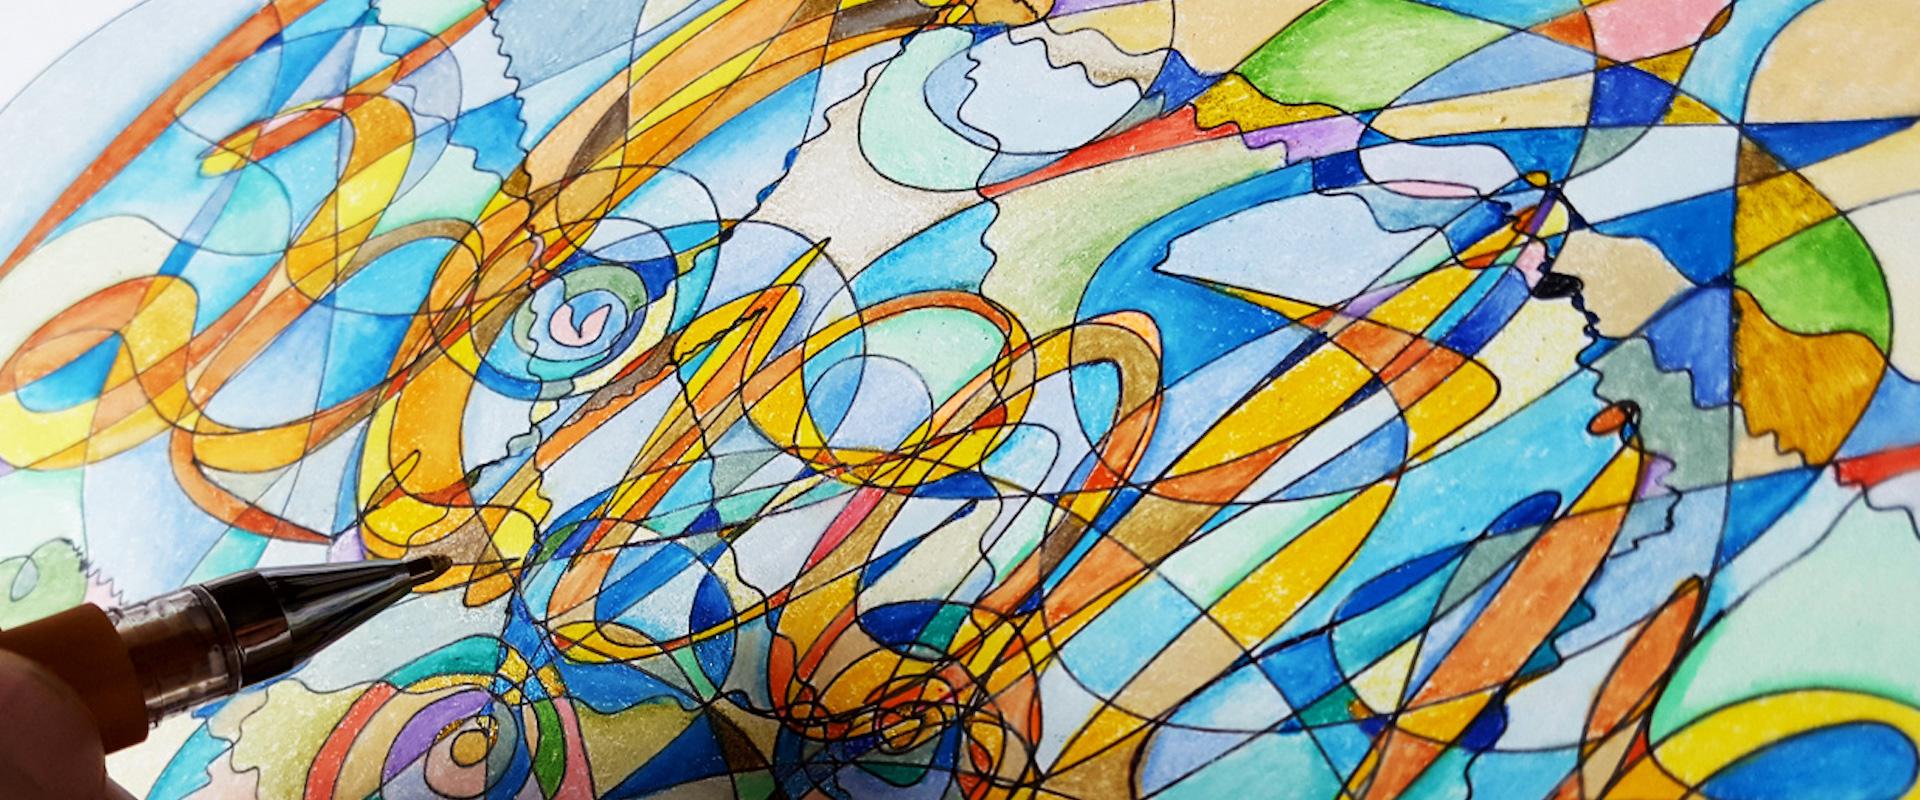 slikarske metode upoznavanja